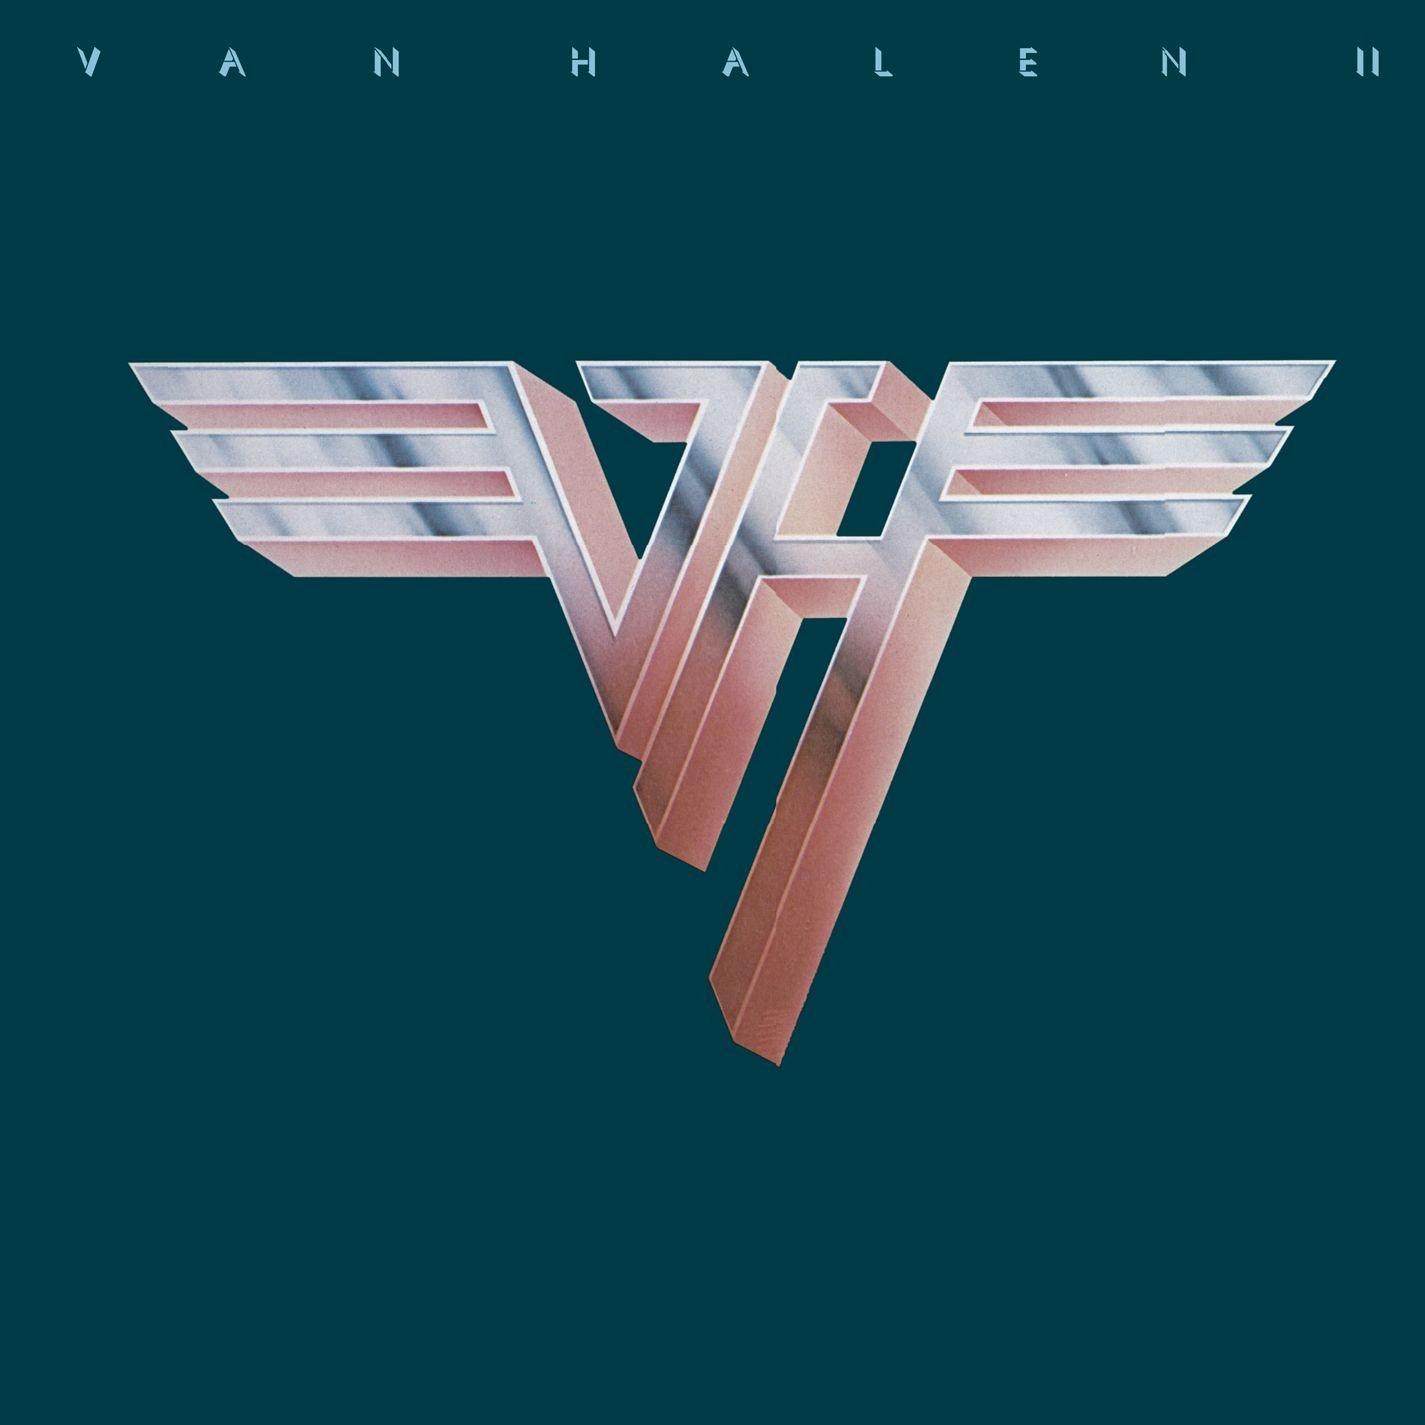 CD : Van Halen - Van Halen II (Remastered)